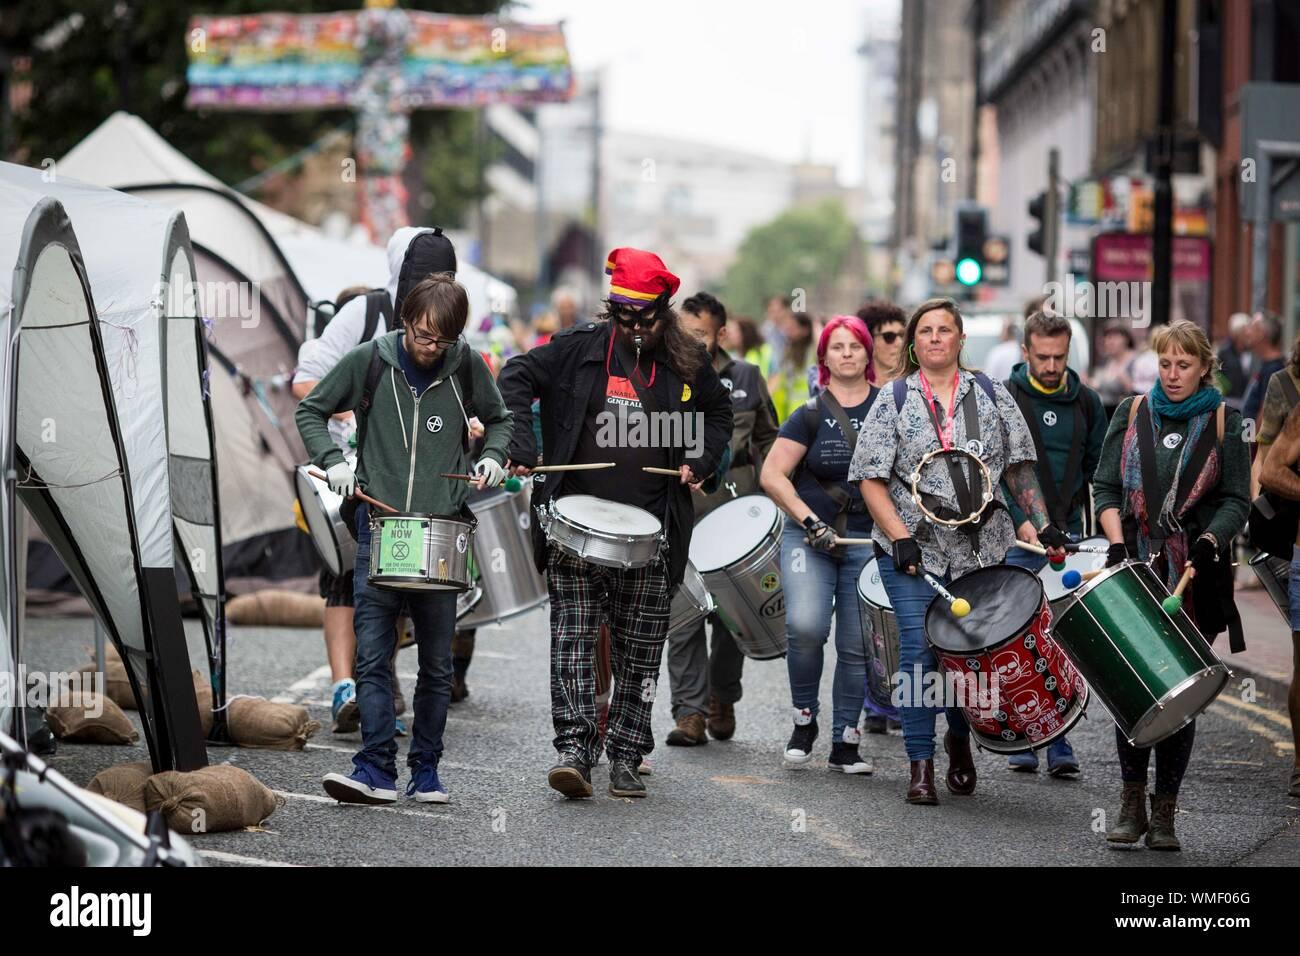 Extinción los manifestantes de la rebelión ocupan hoy Deansgate en el centro de la ciudad de Manchester (Viernes 30 de agosto de 2019) Foto de stock